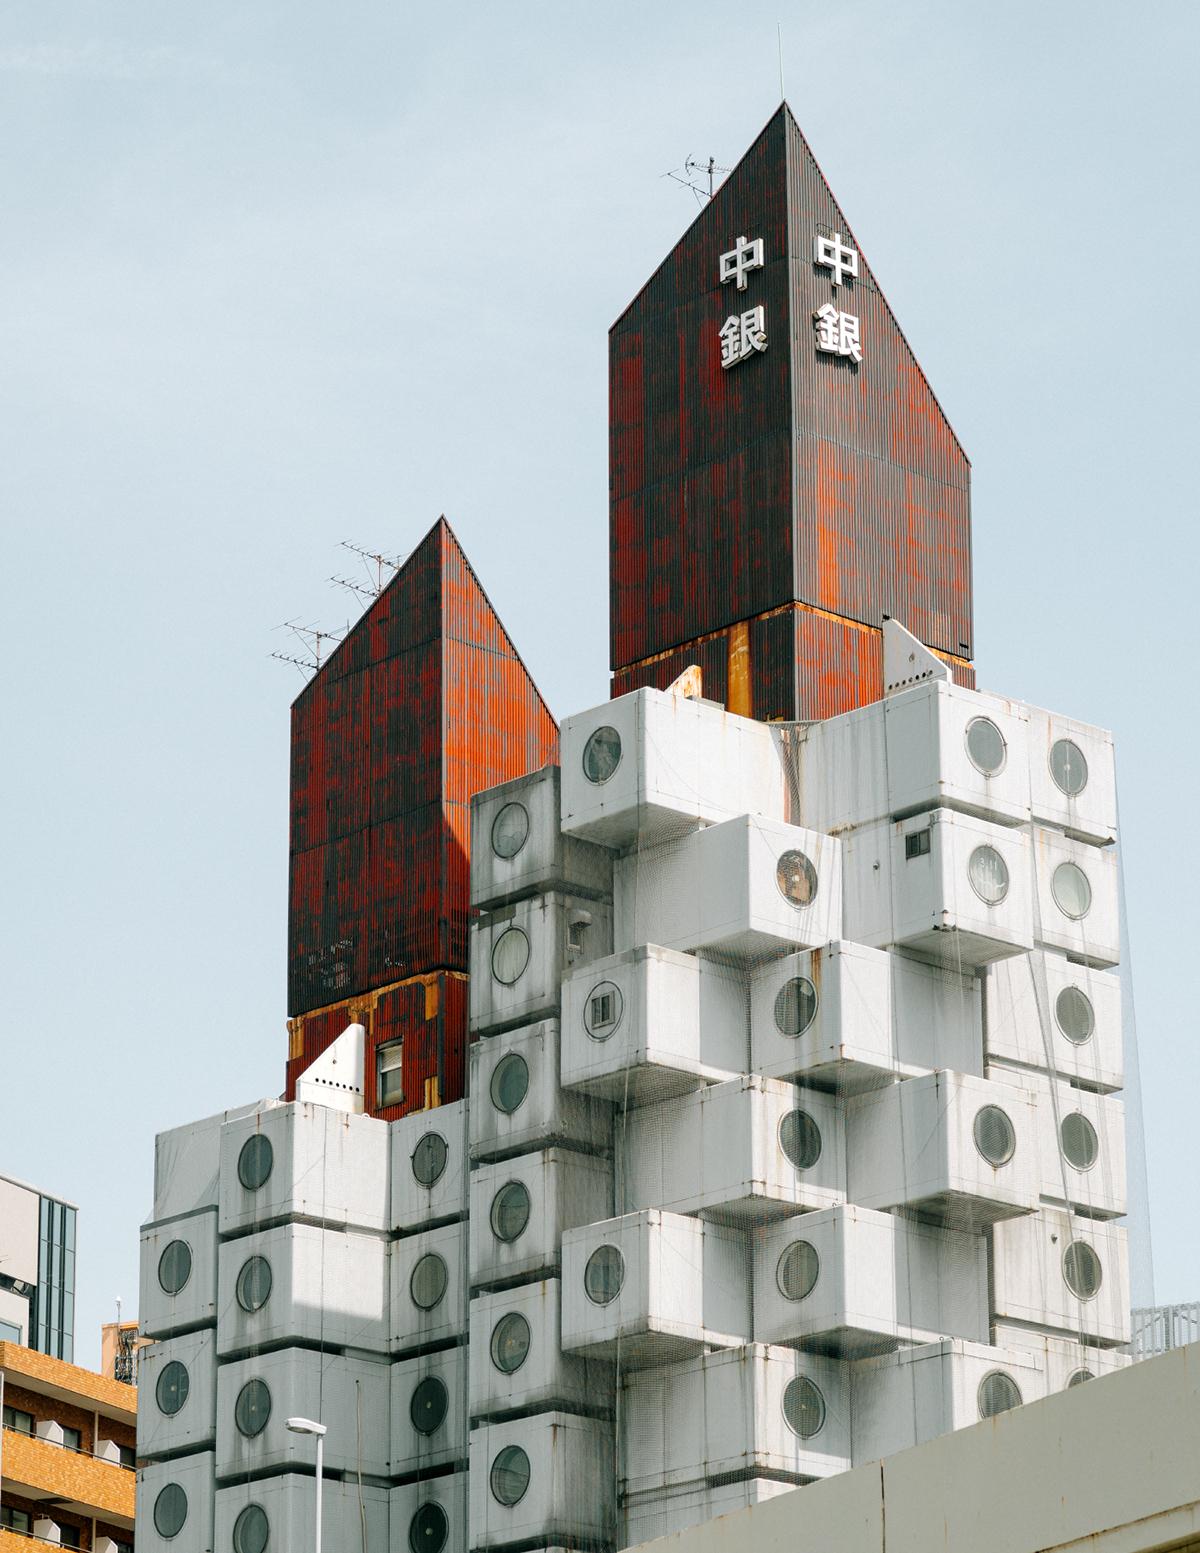 Colores y arquitectura de Matthias Heiderich 16